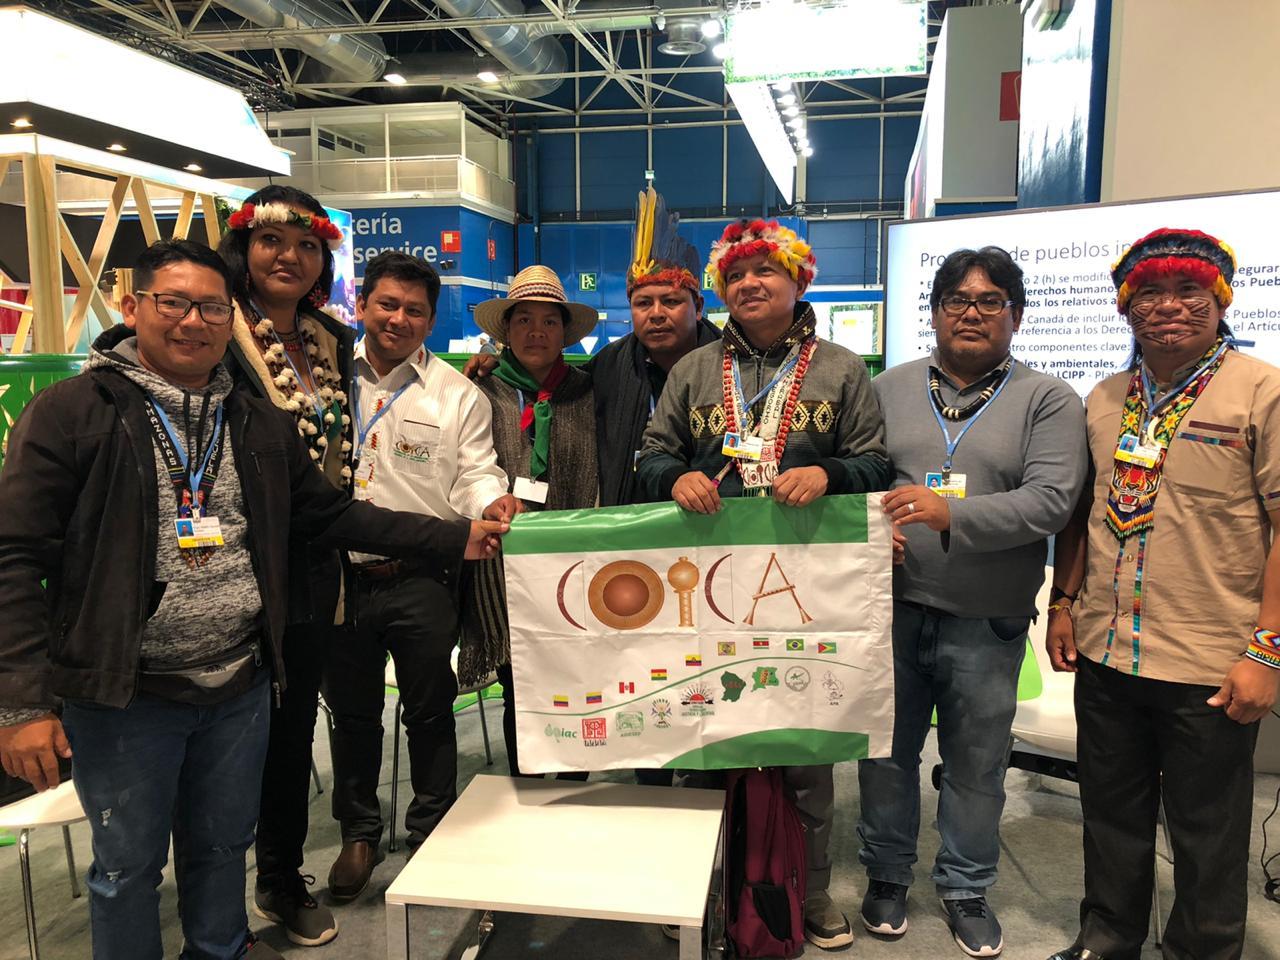 Pueblos indígenas demandan el respeto a sus derechos fundamentales y participación efectiva en los acuerdos climáticos